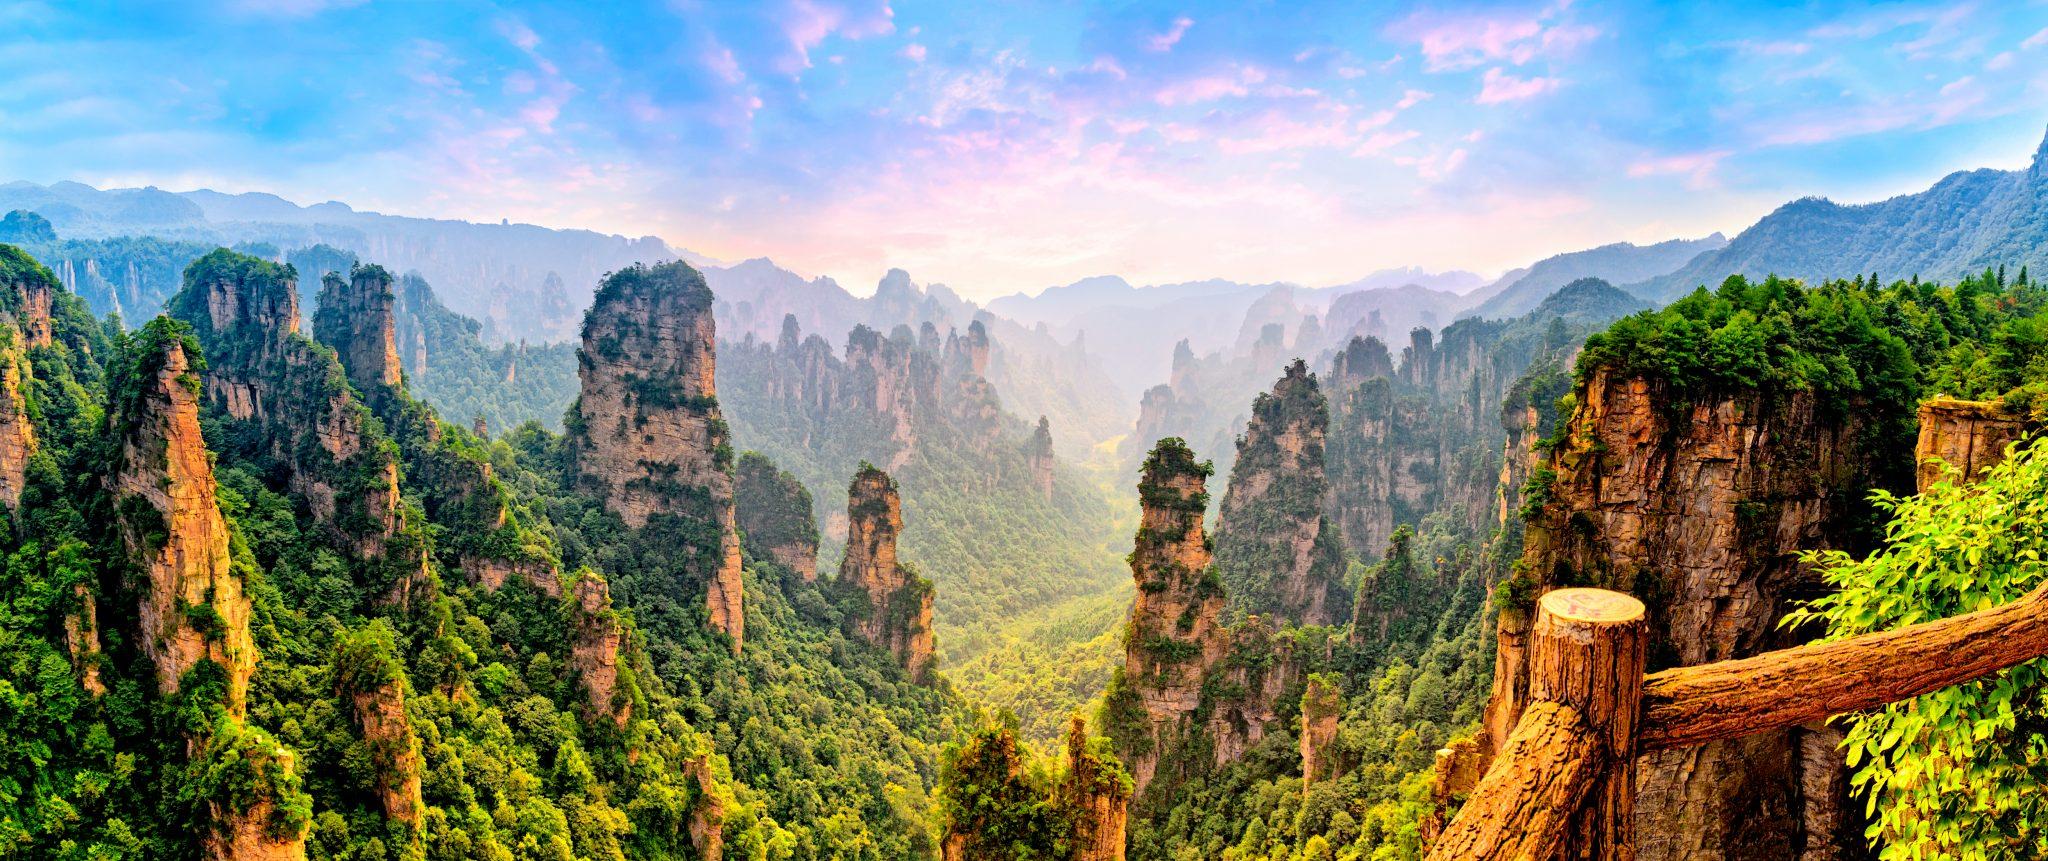 仙人が住んでいそうな中国の山奥